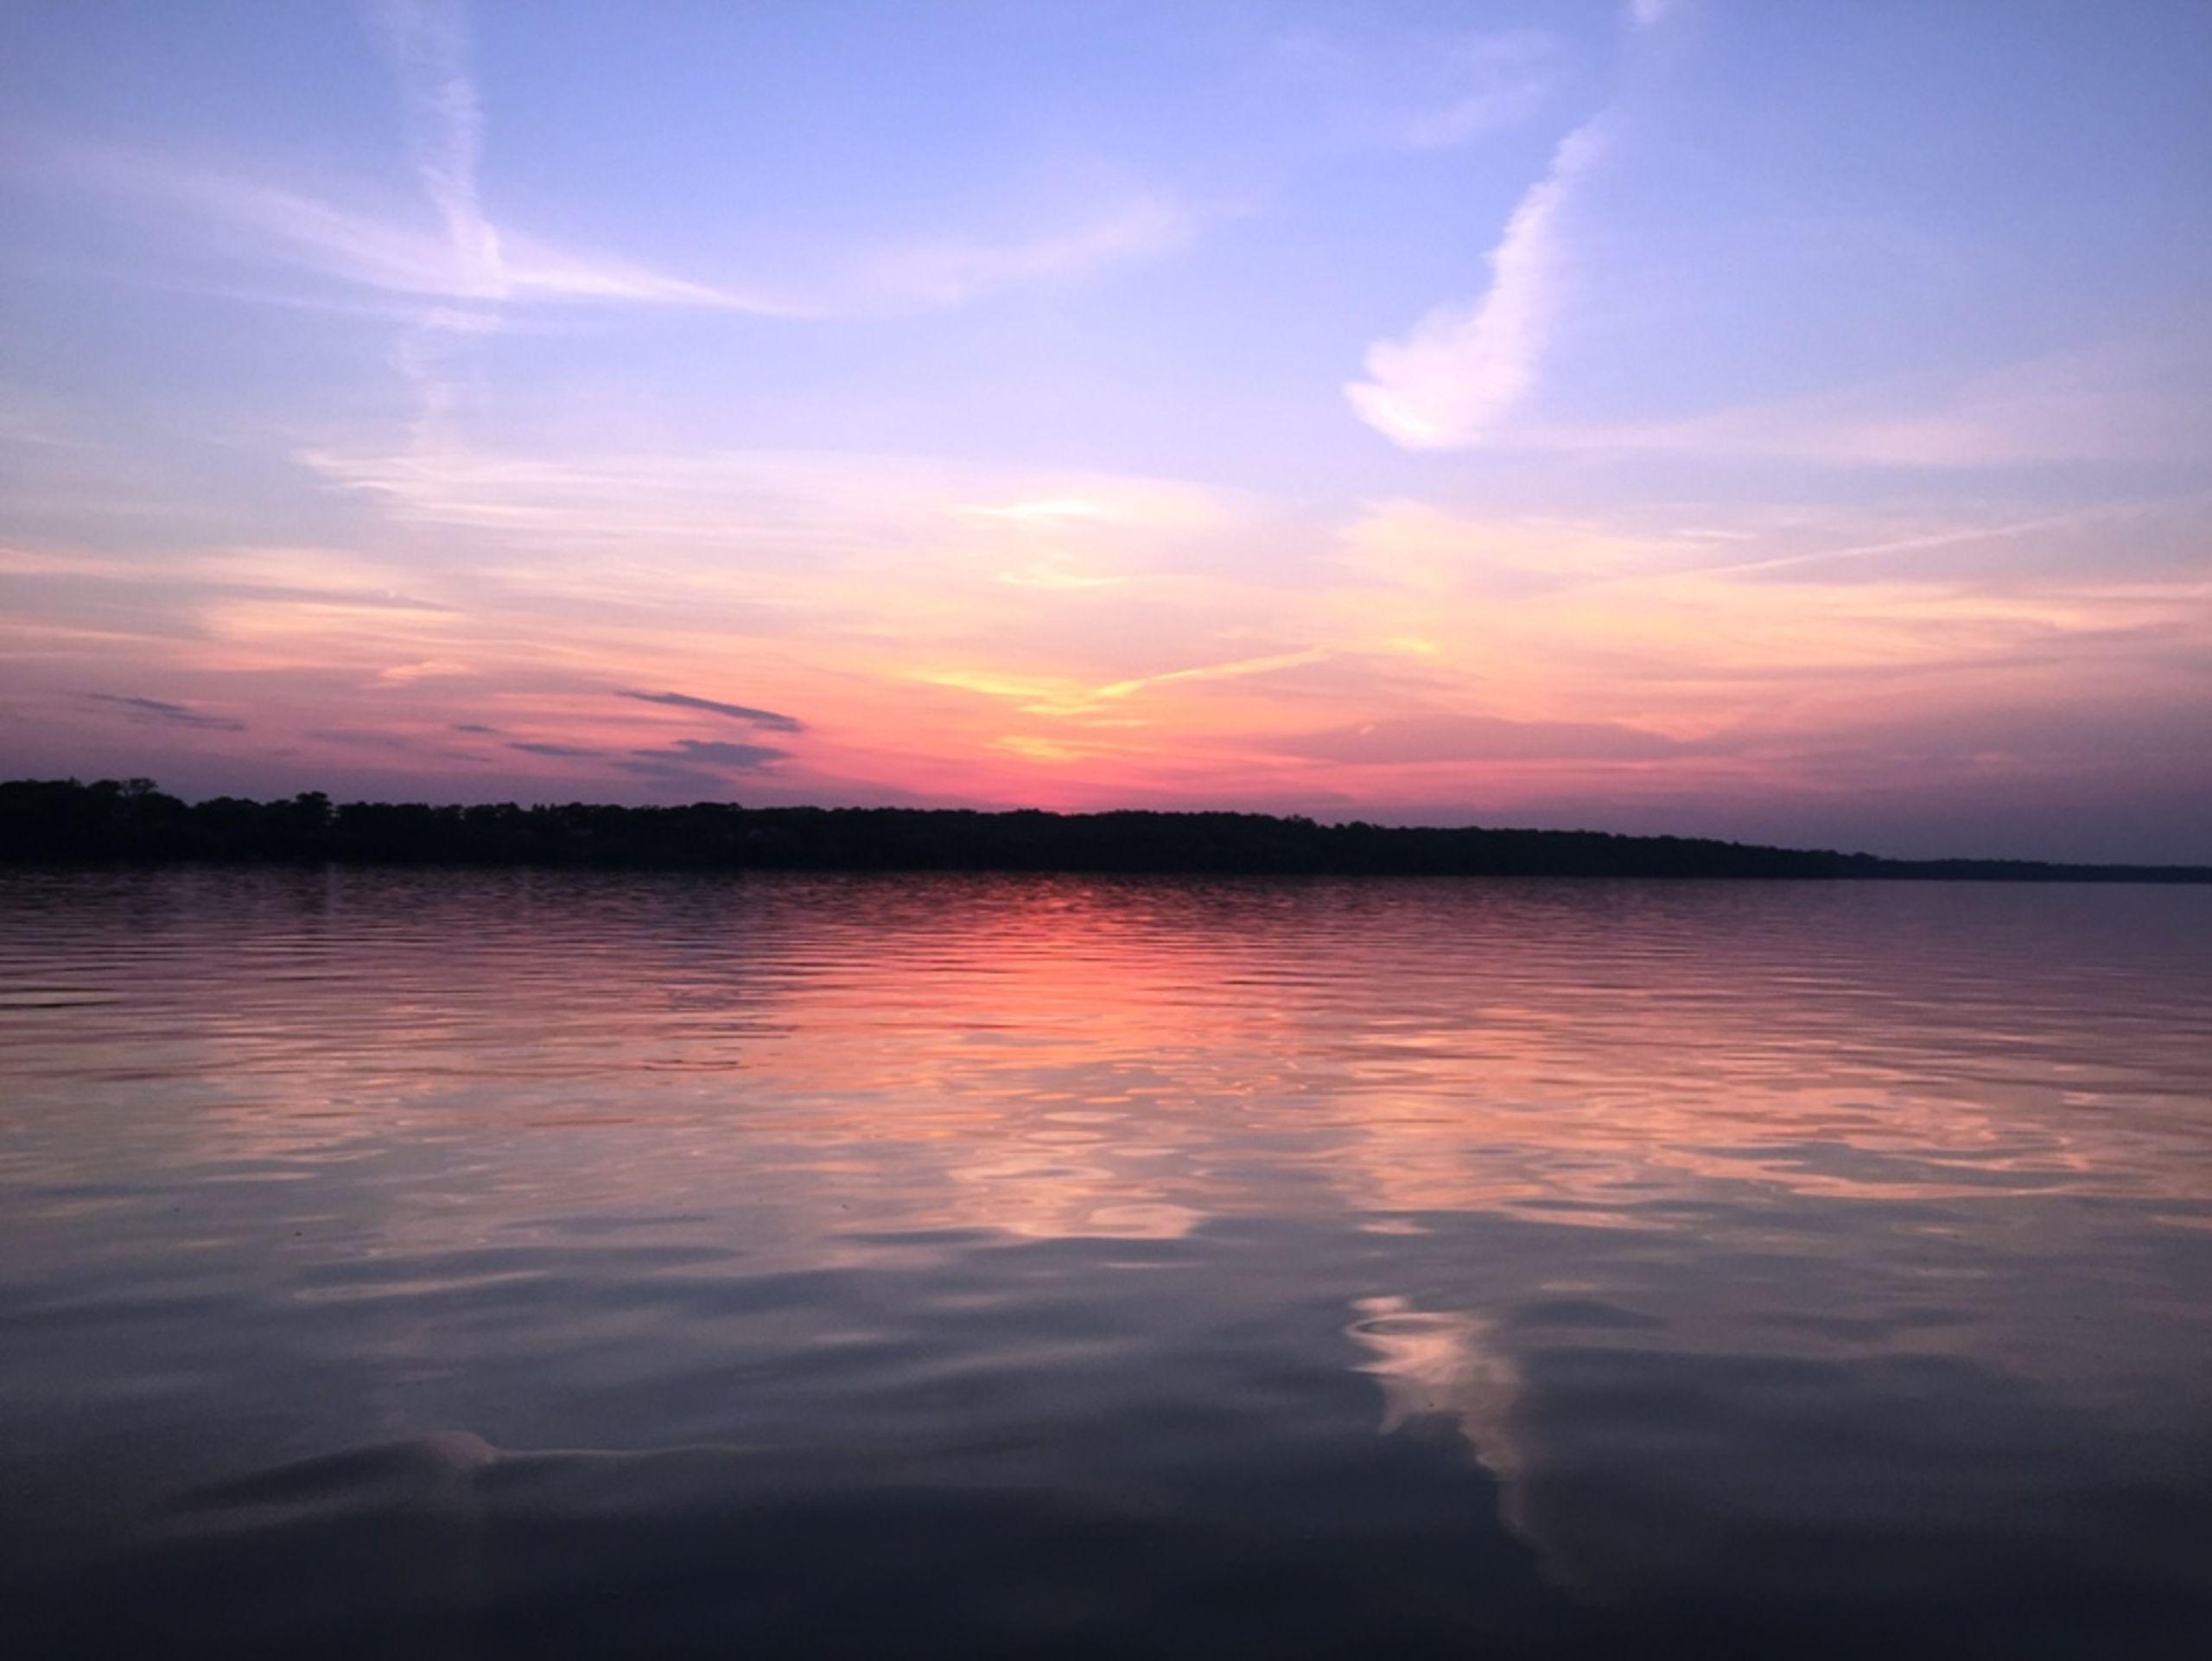 Sunset View Of Sauk Lake